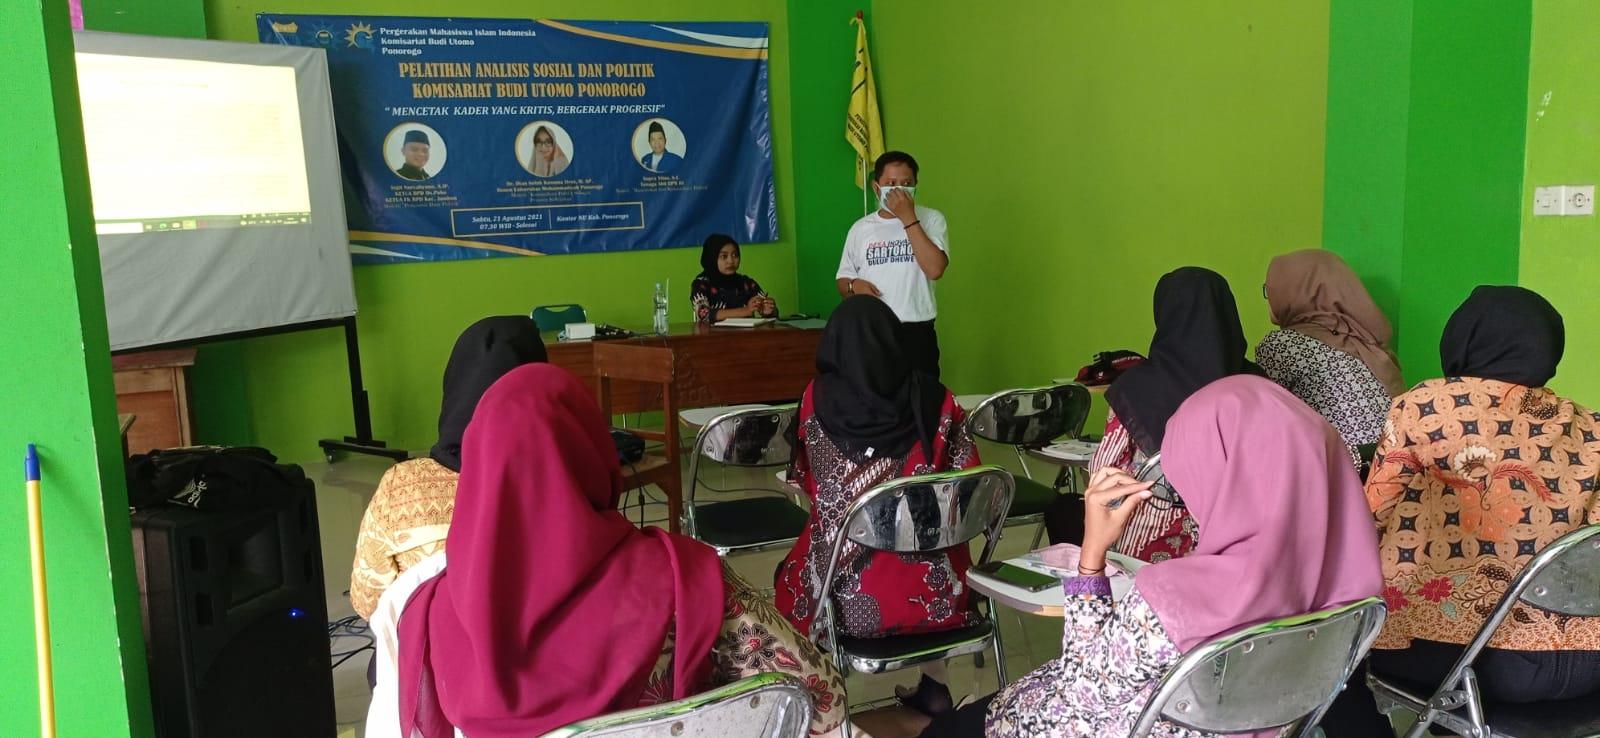 PK PMII Budi Utomo menggelar Pelatihan Analisa Sosial di Aula PCNU Ponorogo, Sabtu (21/8)